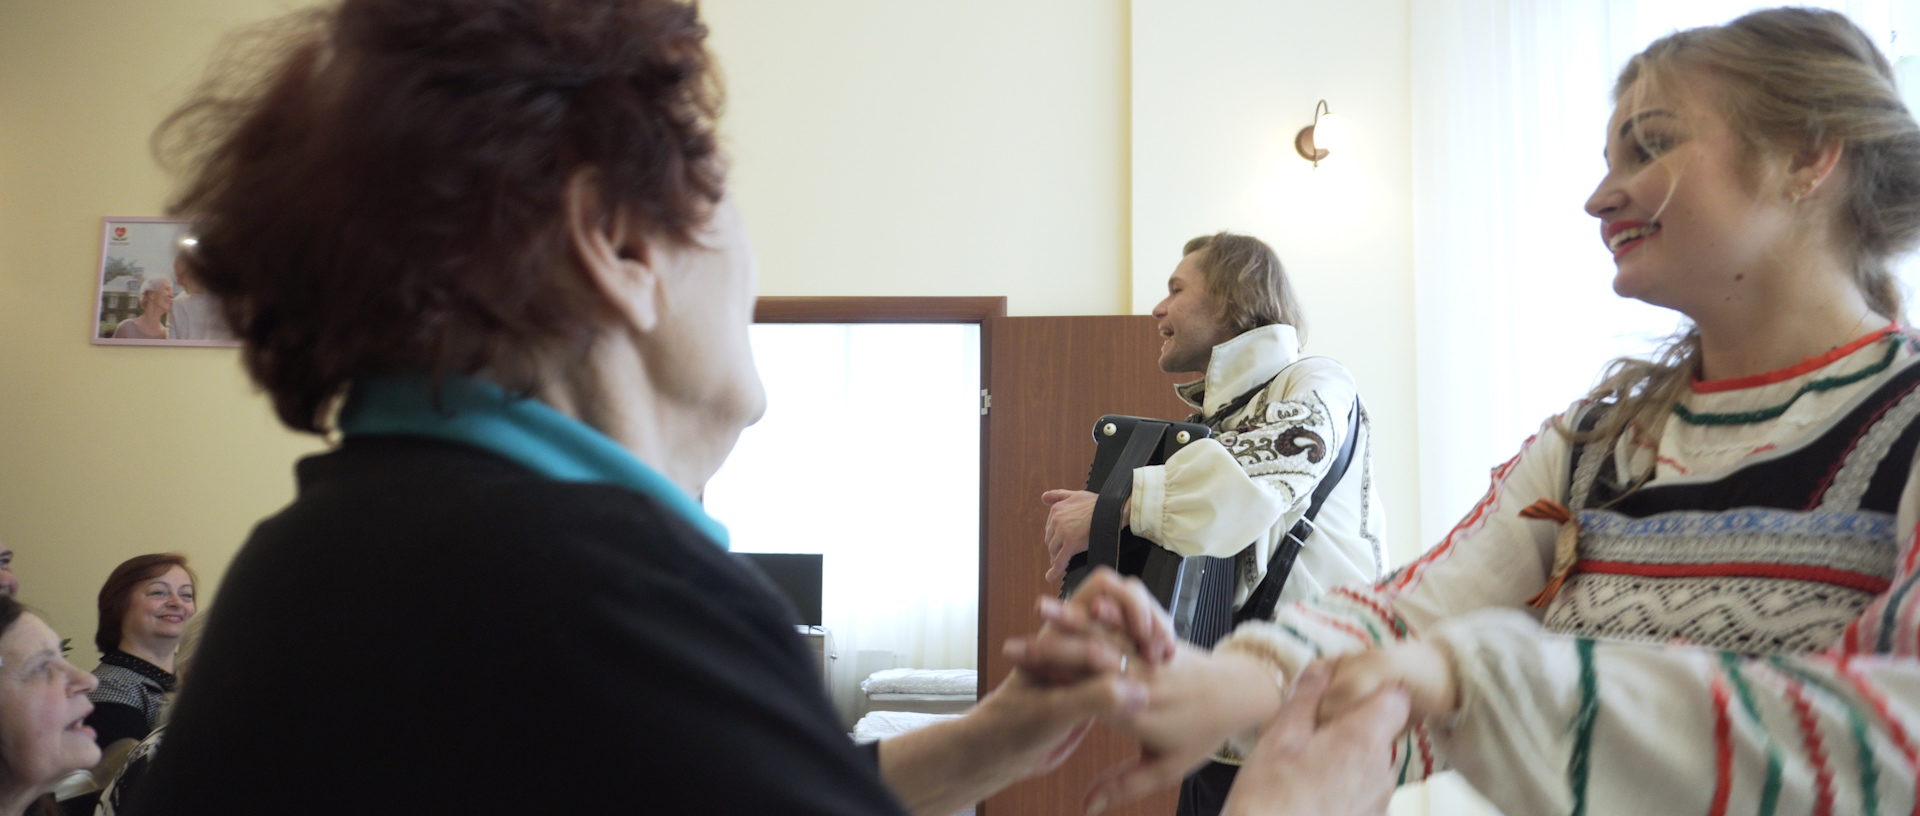 Дом престарелых для больного инсультом как устроить в дом престарелых в комсомольске-на-амуре